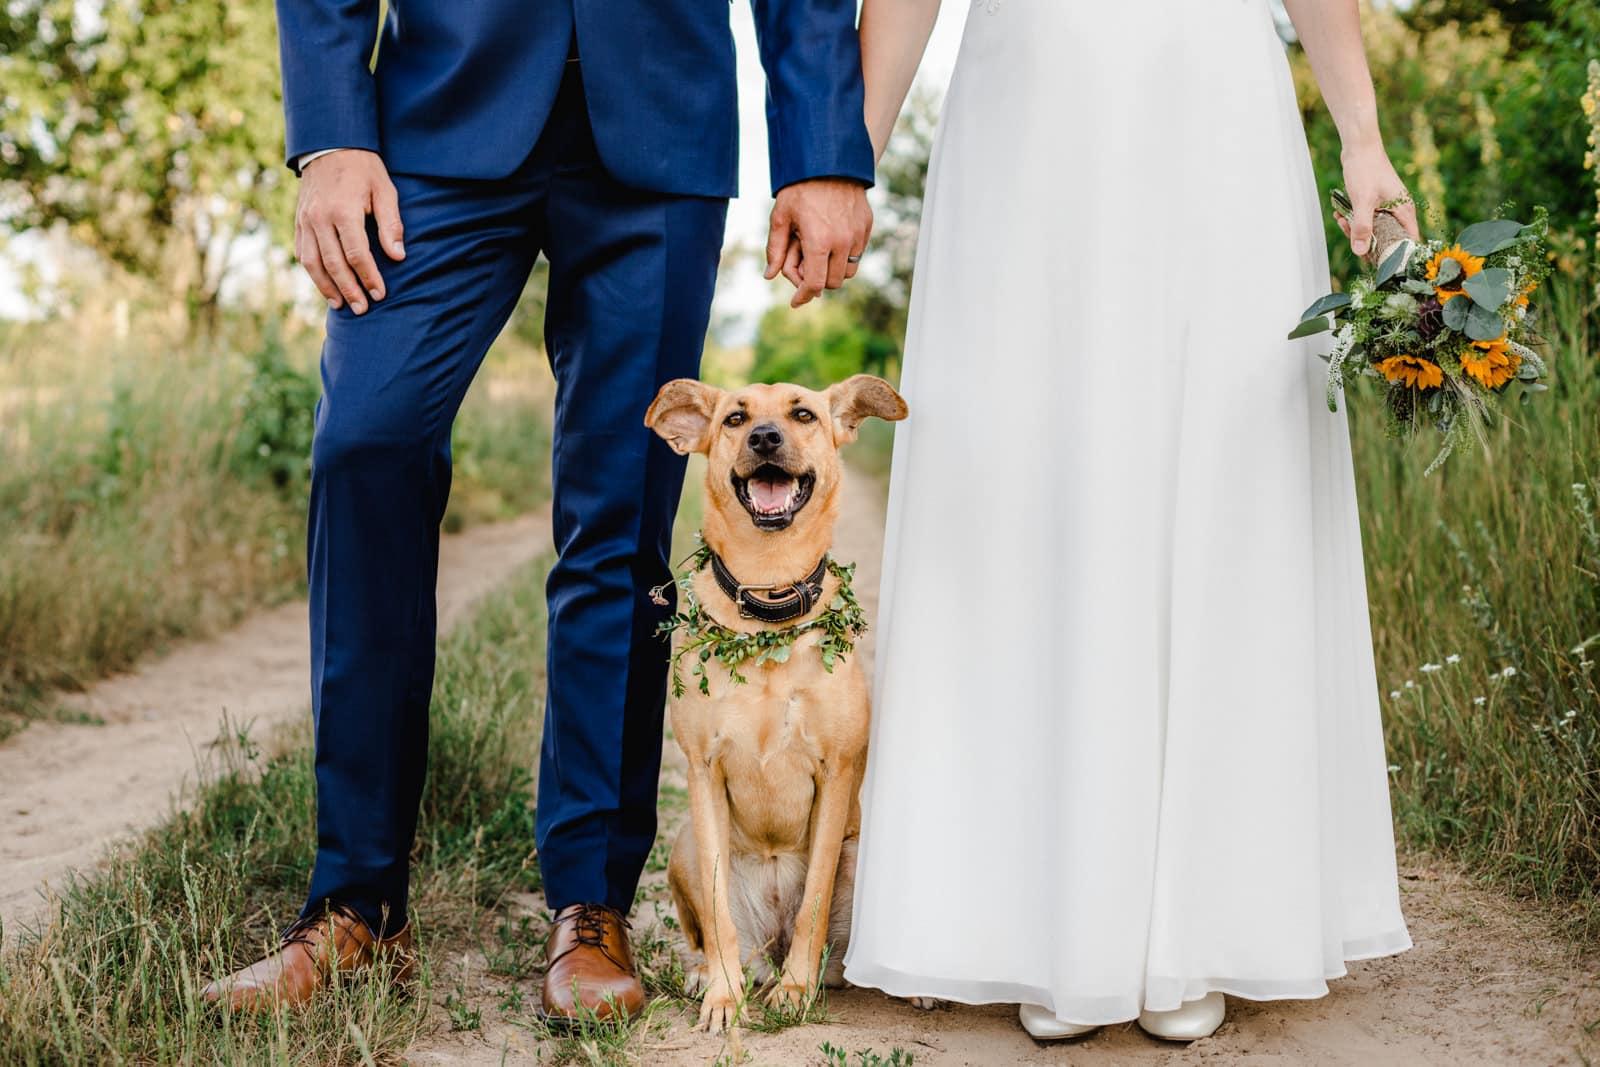 Ein Hund sitzt zwischen seinem Brautpaar im Sand auf einem Weg und schaut in die Kamera.